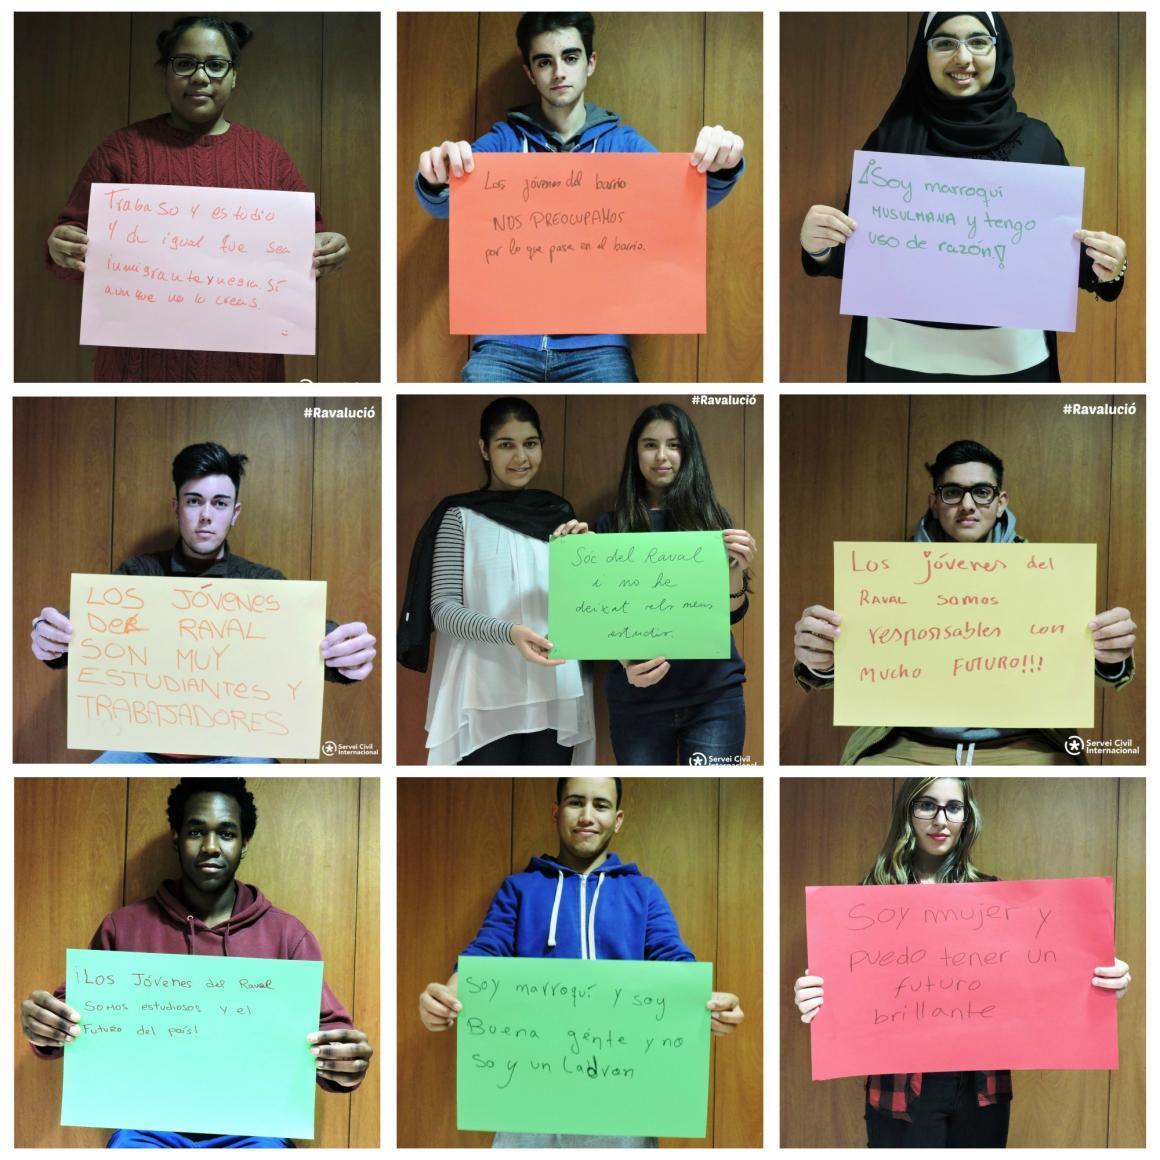 Engeguem la campanya #Ravalució